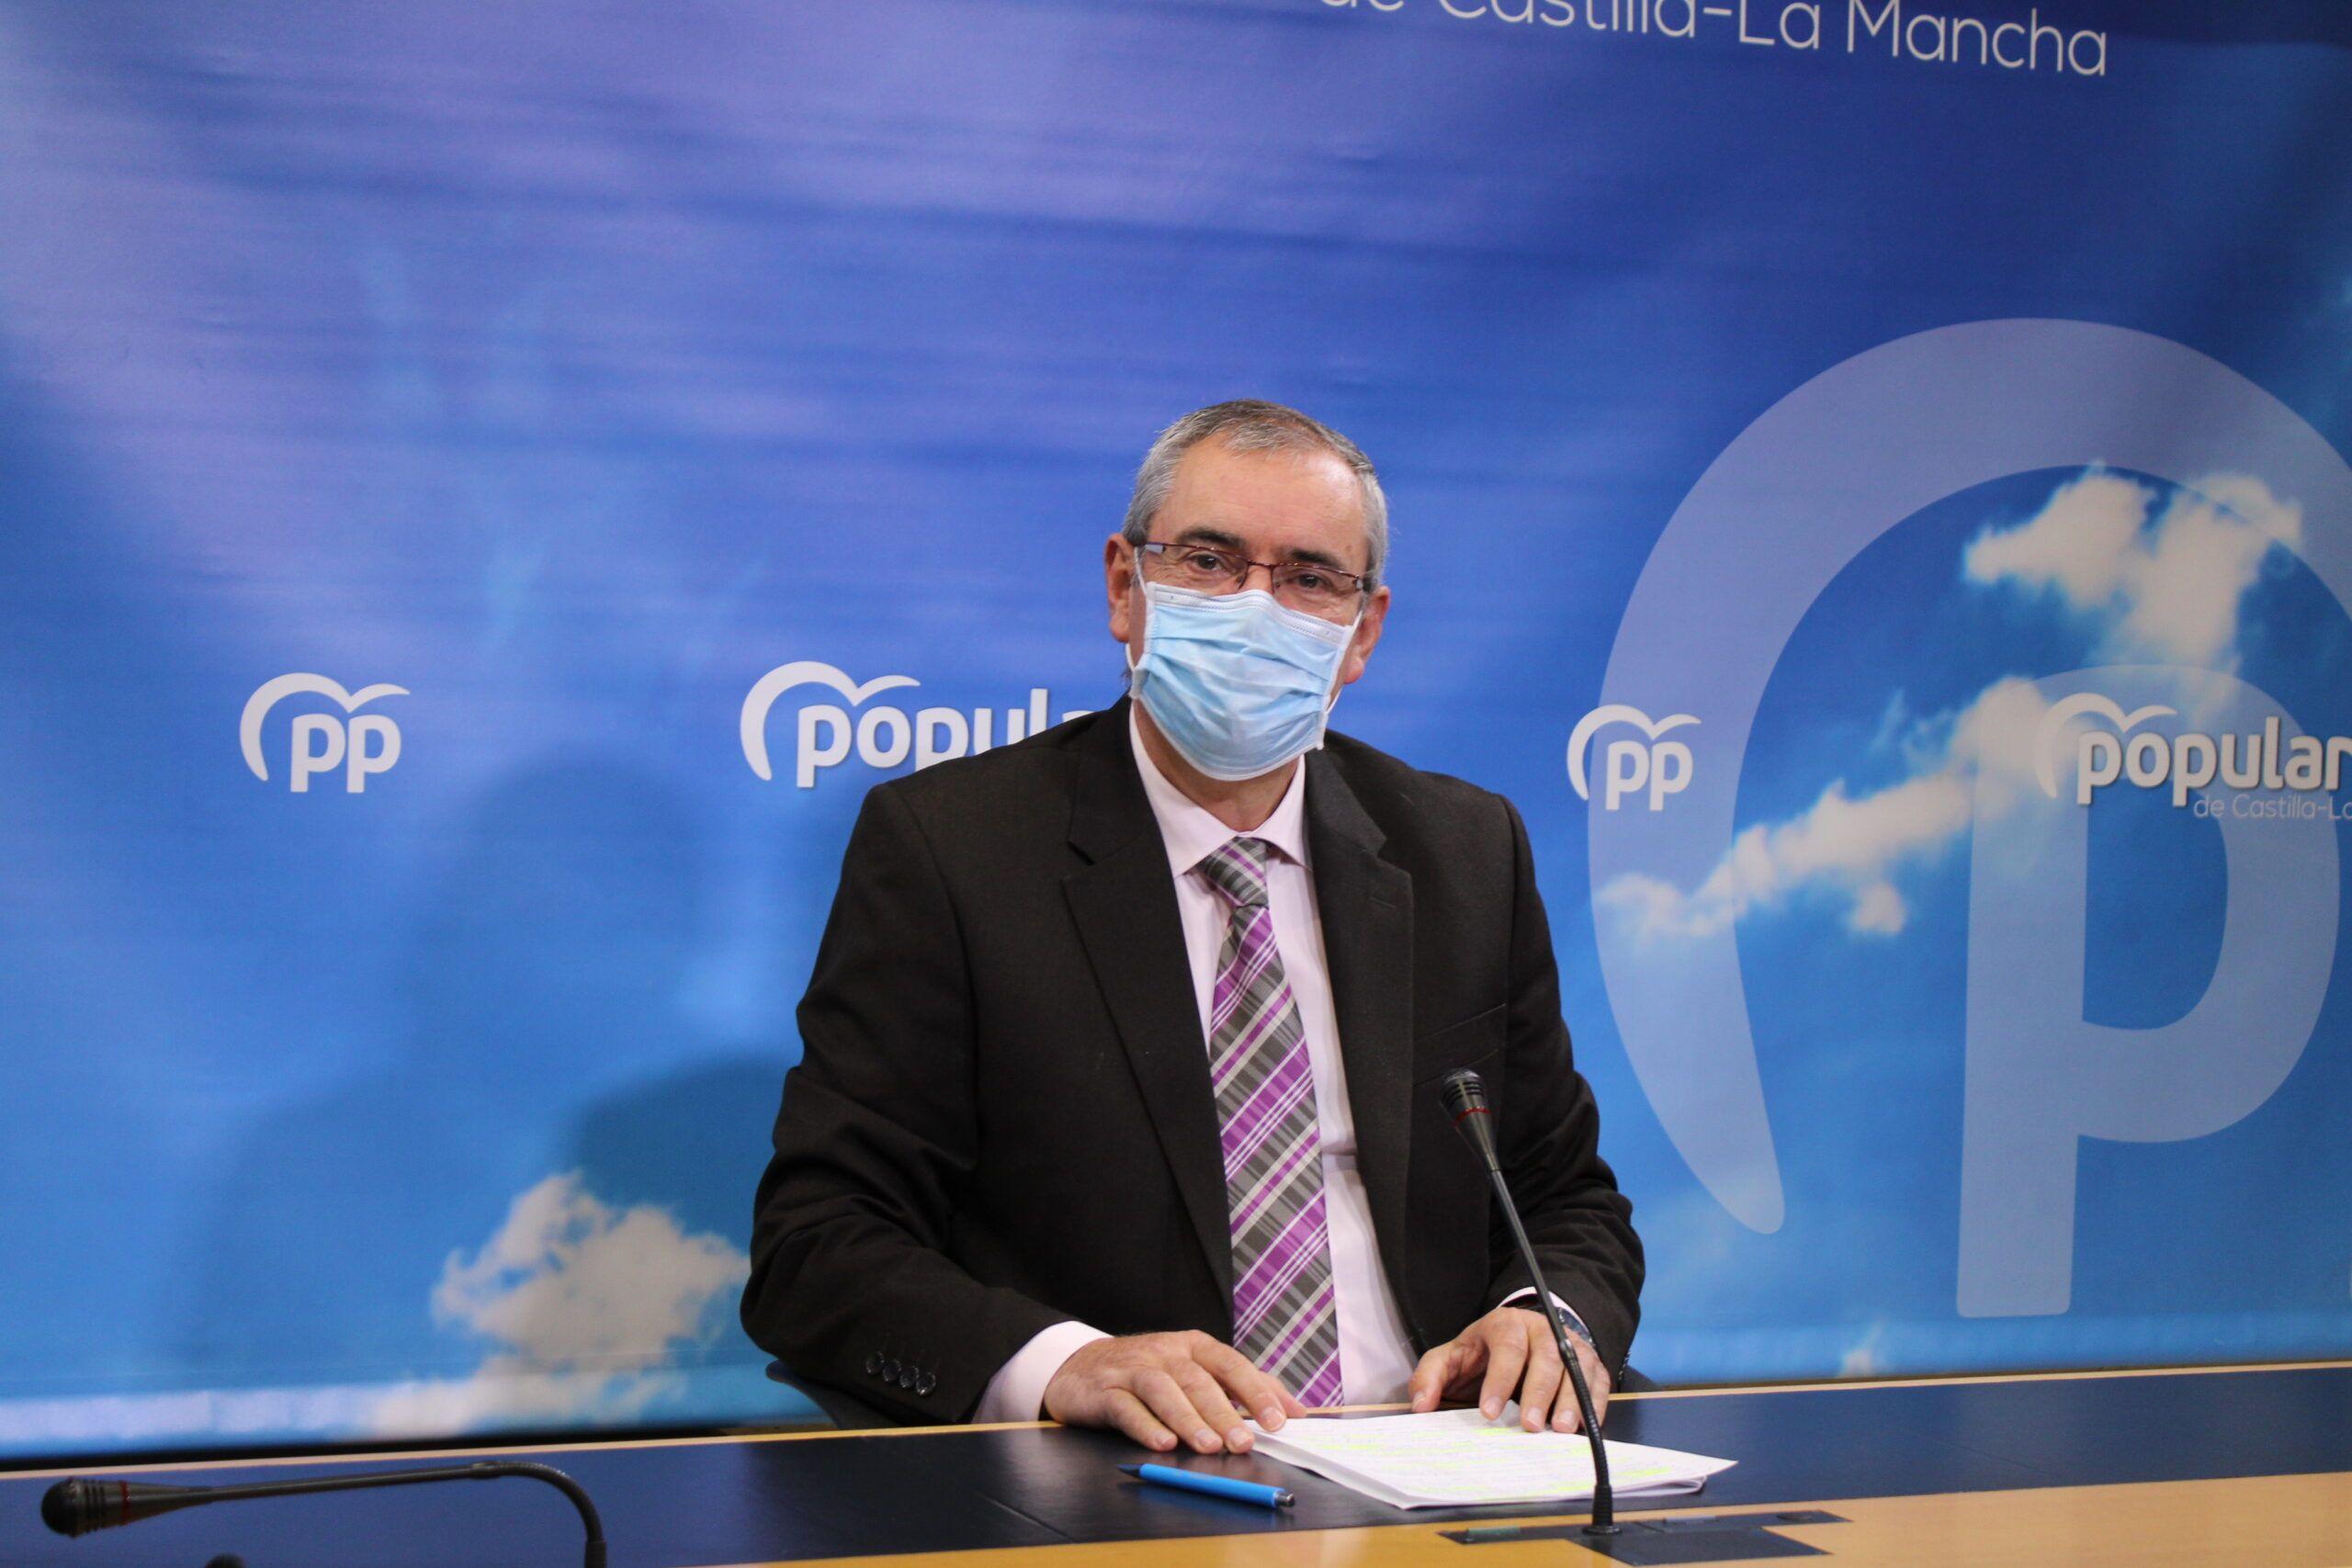 Aroca exige a la nueva consejera de Bienestar Social que derogue de manera inmediata la resolución en la que se deja sin efecto parte de la convocatoria de Ingreso Mínimo de Solidaridad